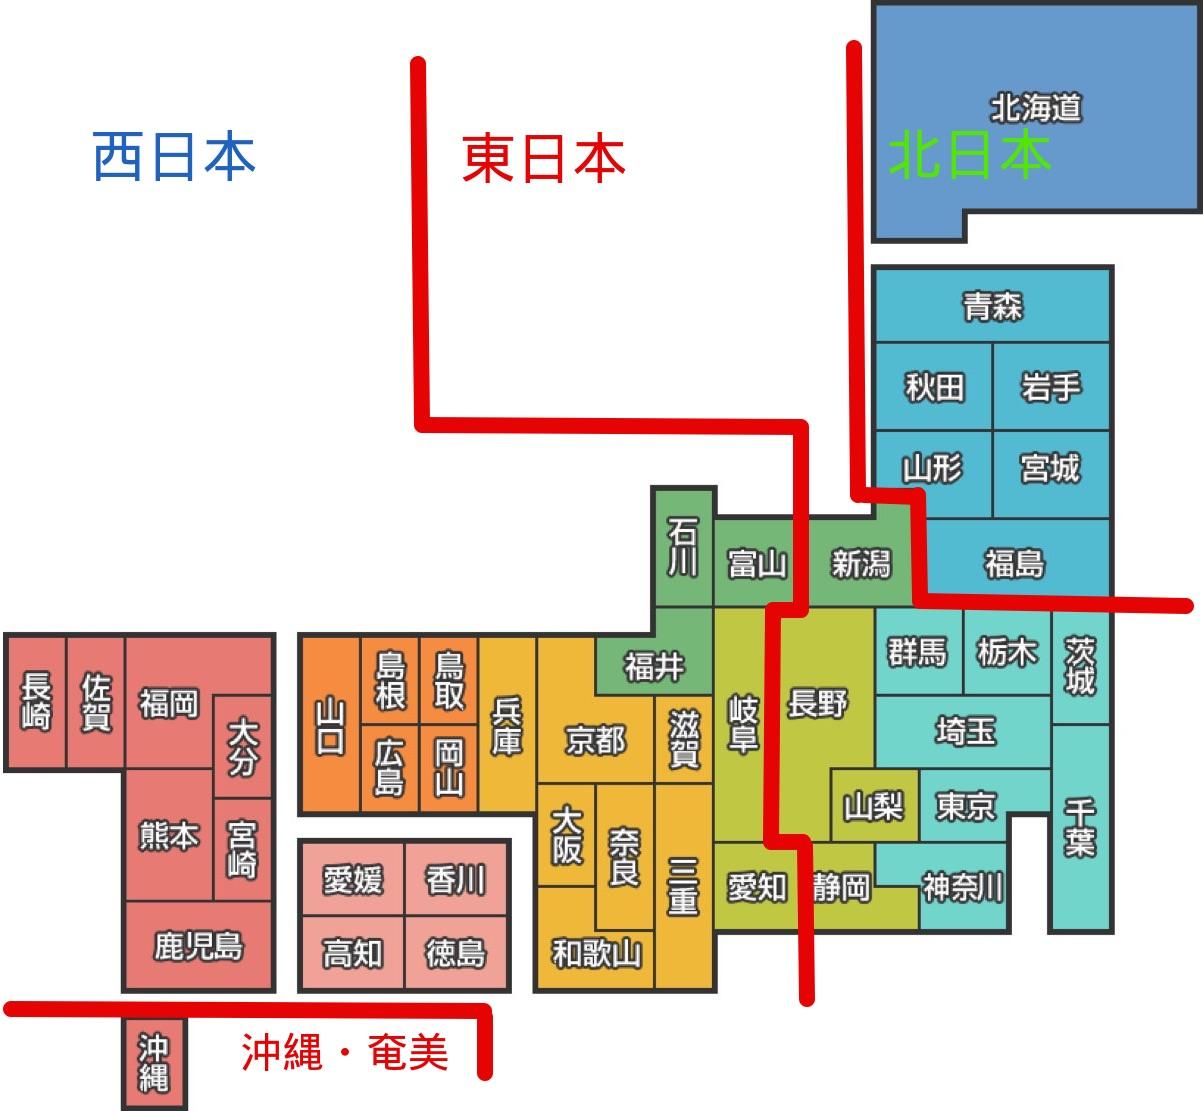 いりこと煮干しの違い画像1(東日本と西日本の違い地図)